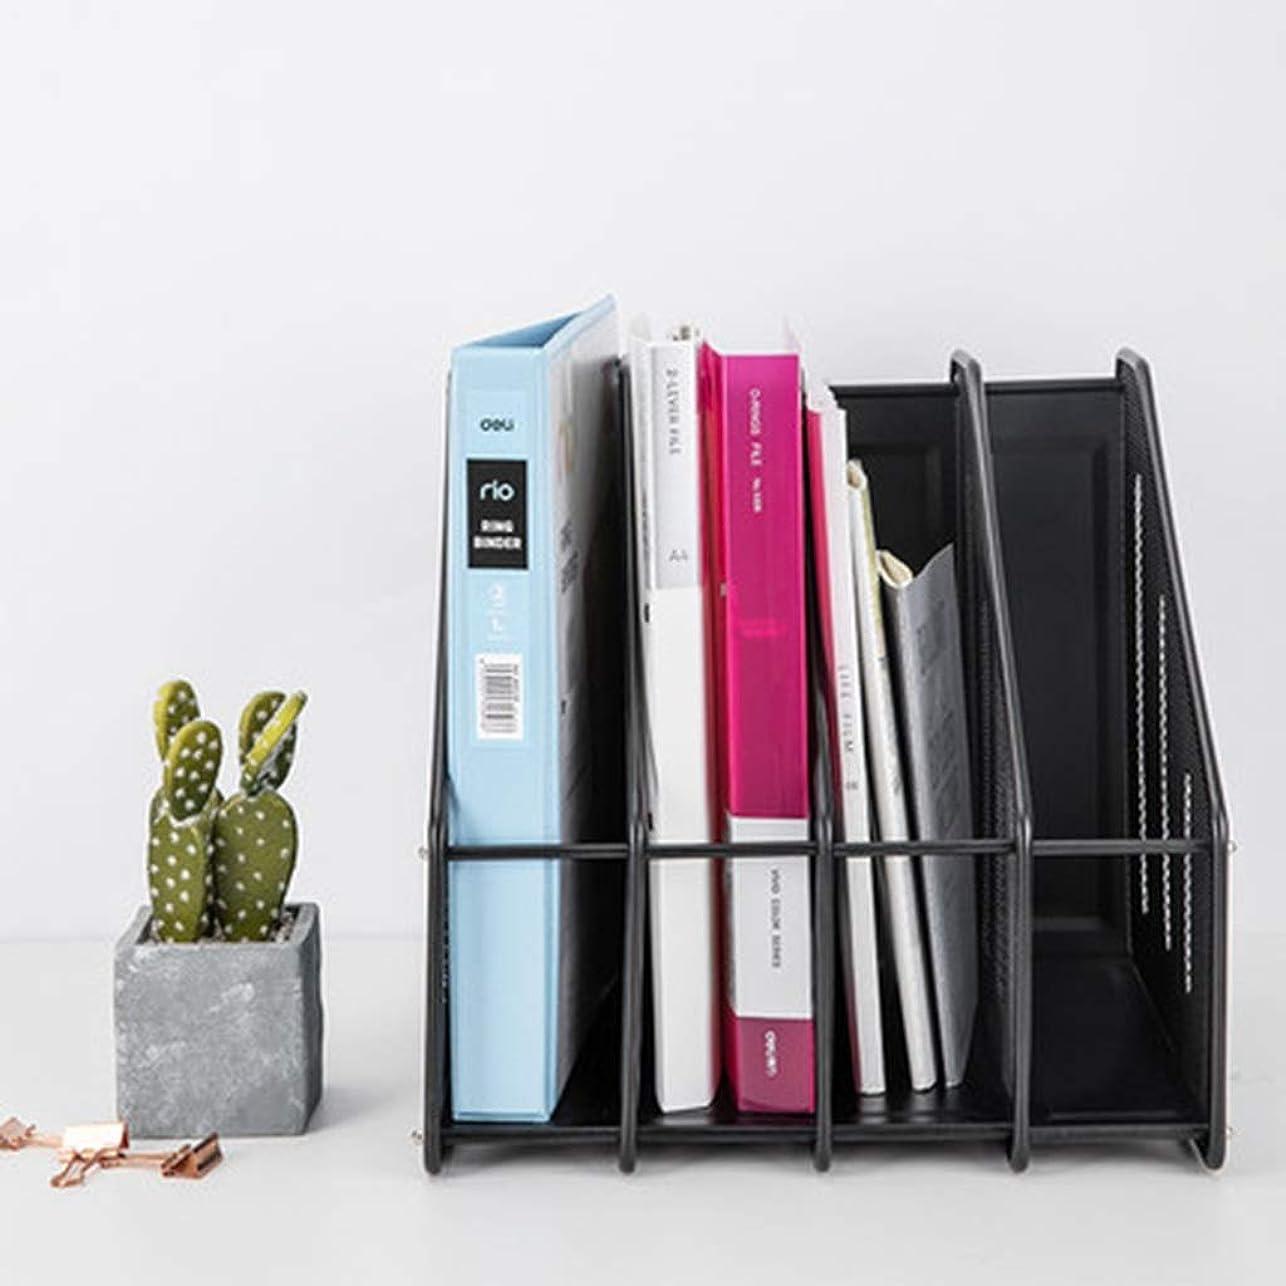 意識手錠悲劇的な書棚 マガジンラックメタルメッシュアイアンファイルフレームファイルホルダー収納ボックスマガジンボックス取り外し可能デスクトップデータホルダー金属 (Color : Black, Size : 32.5*29*31.5cm)